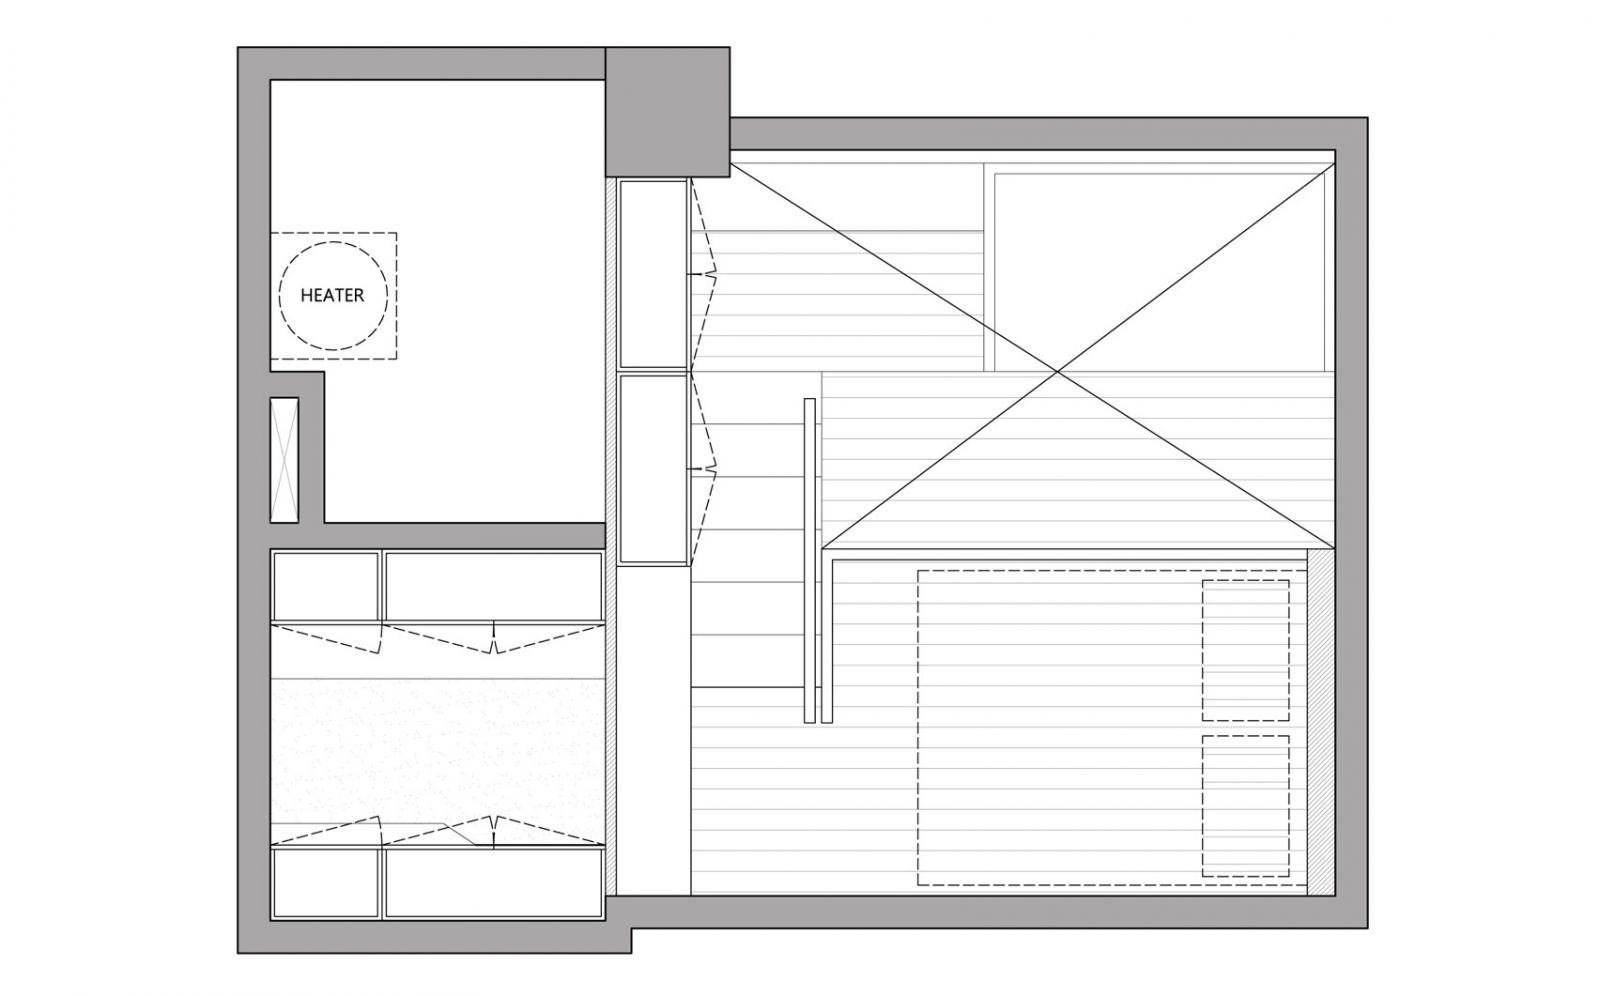 Thiết kế căn hộ diện tích nhỏ 12